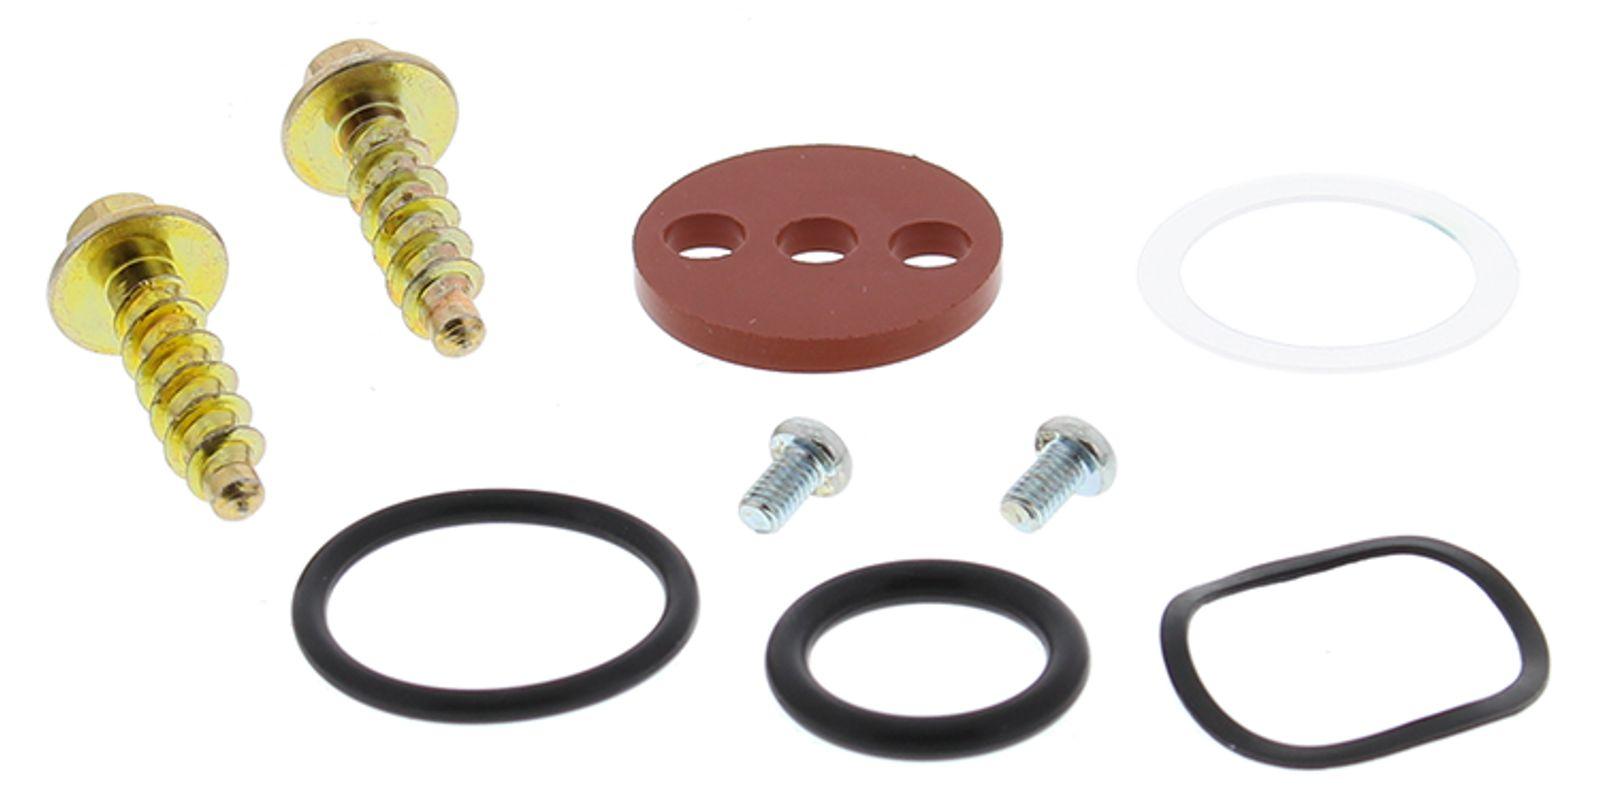 Wrp Fuel Tap Repair Kits - WRP601022 image